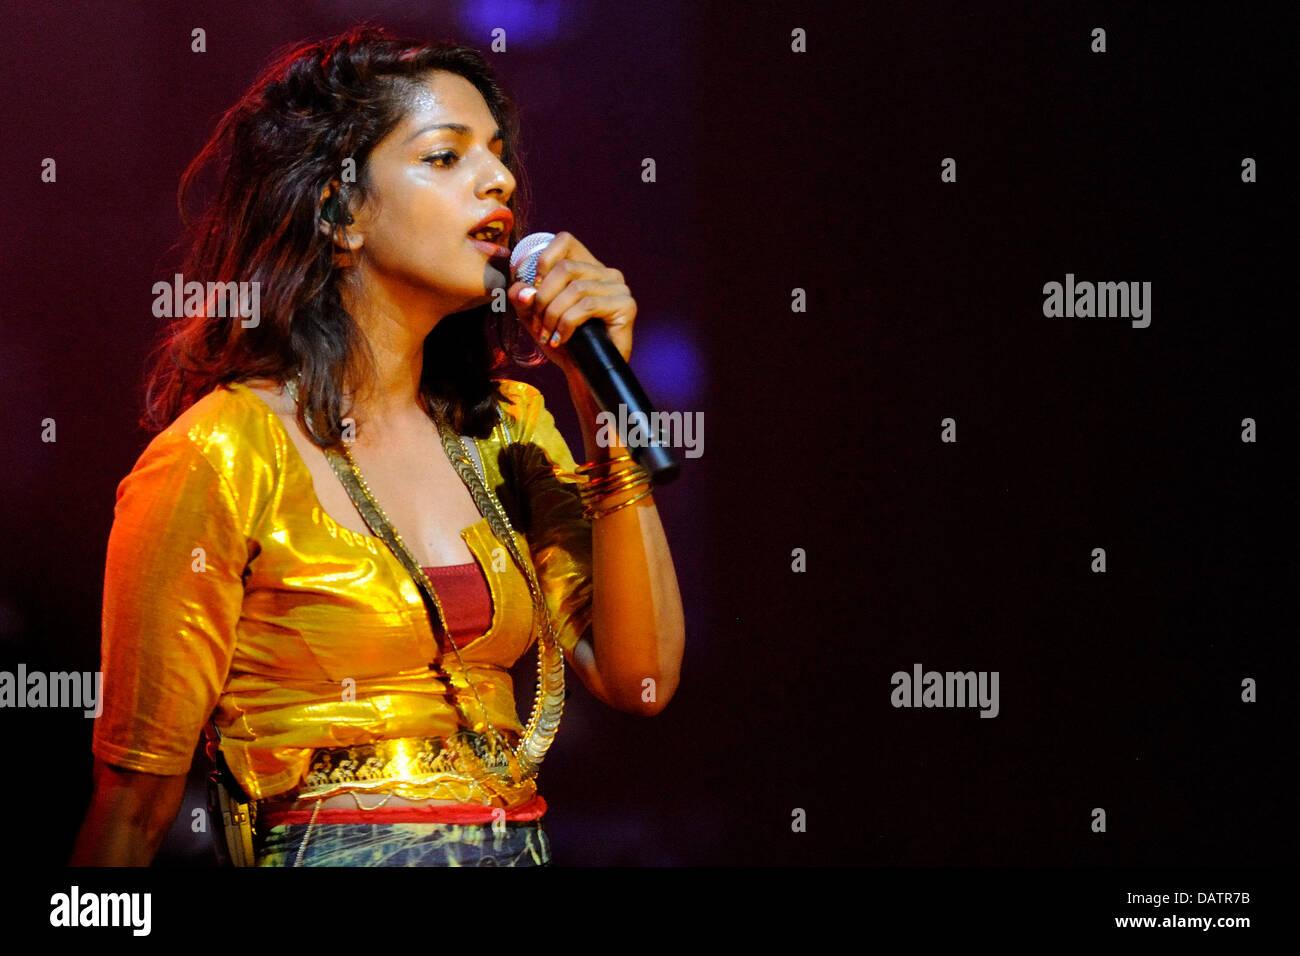 Mathangi Singer